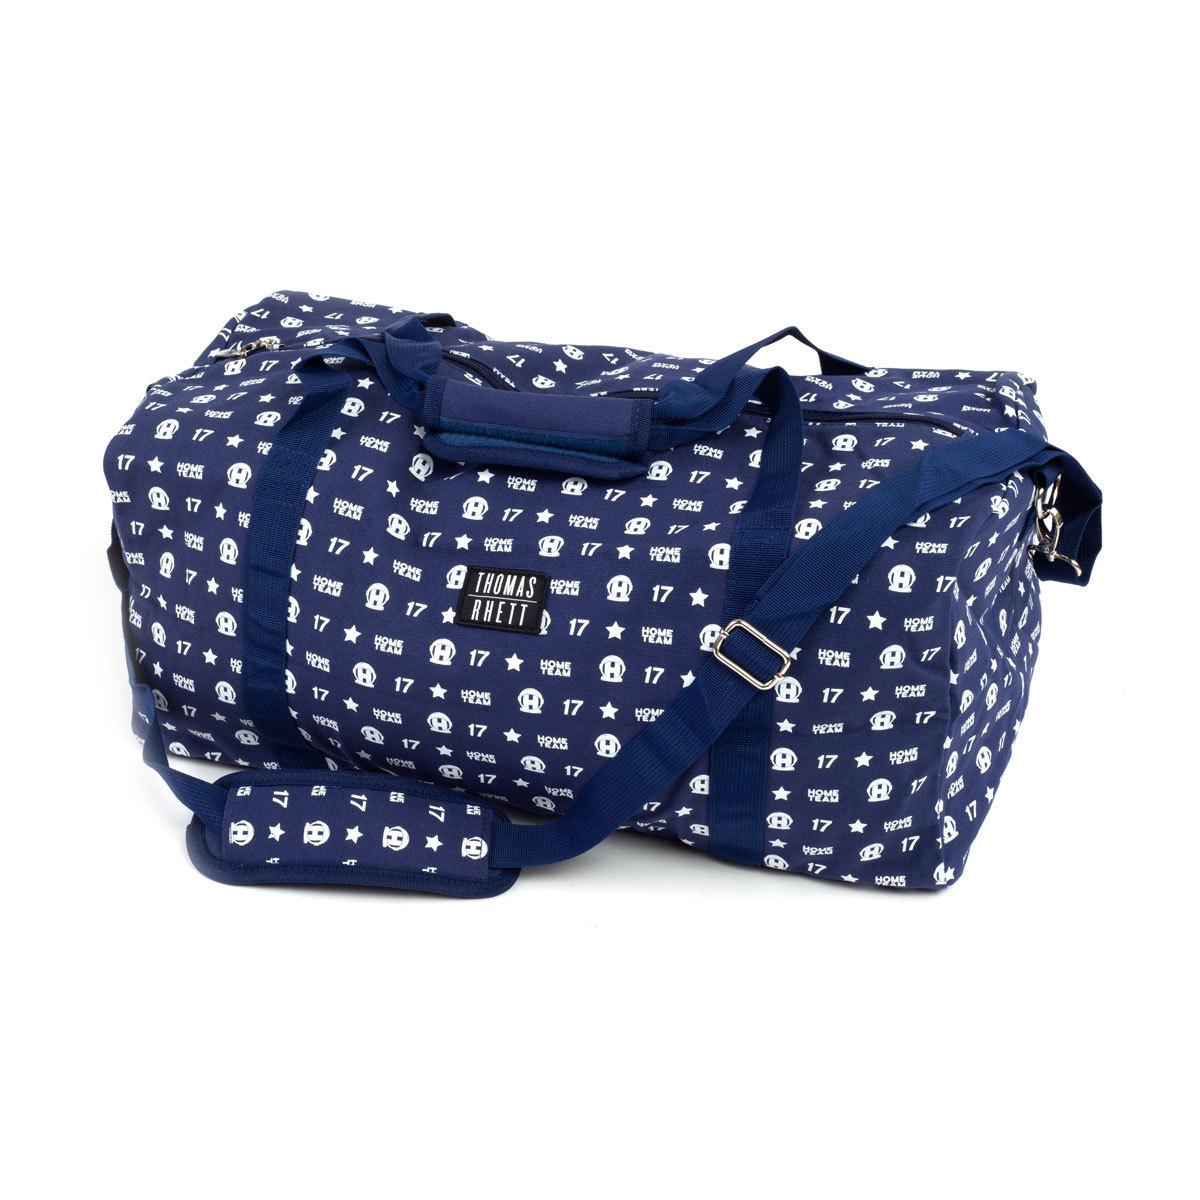 Allover Navy Duffle Bag